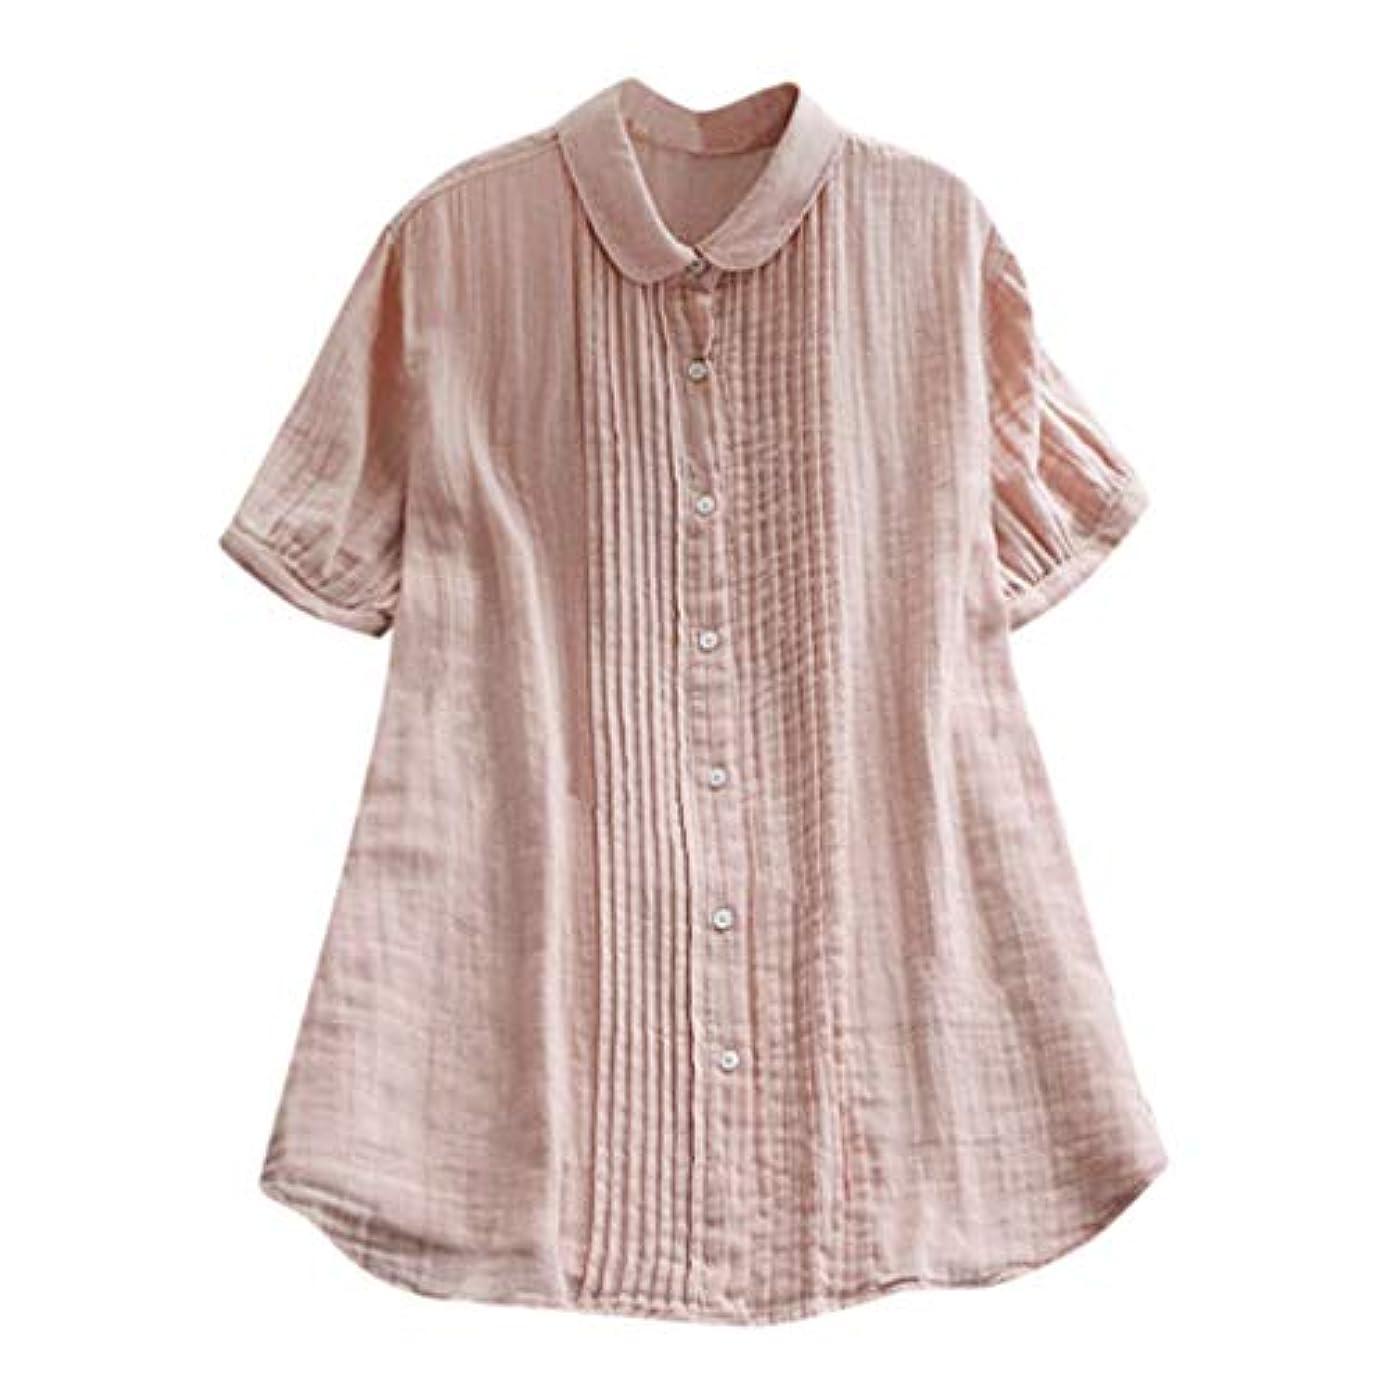 信頼性のあるコンバーチブルフライト女性の半袖Tシャツ - ピーターパンカラー夏緩い無地カジュアルダウントップスブラウス (ピンク, M)